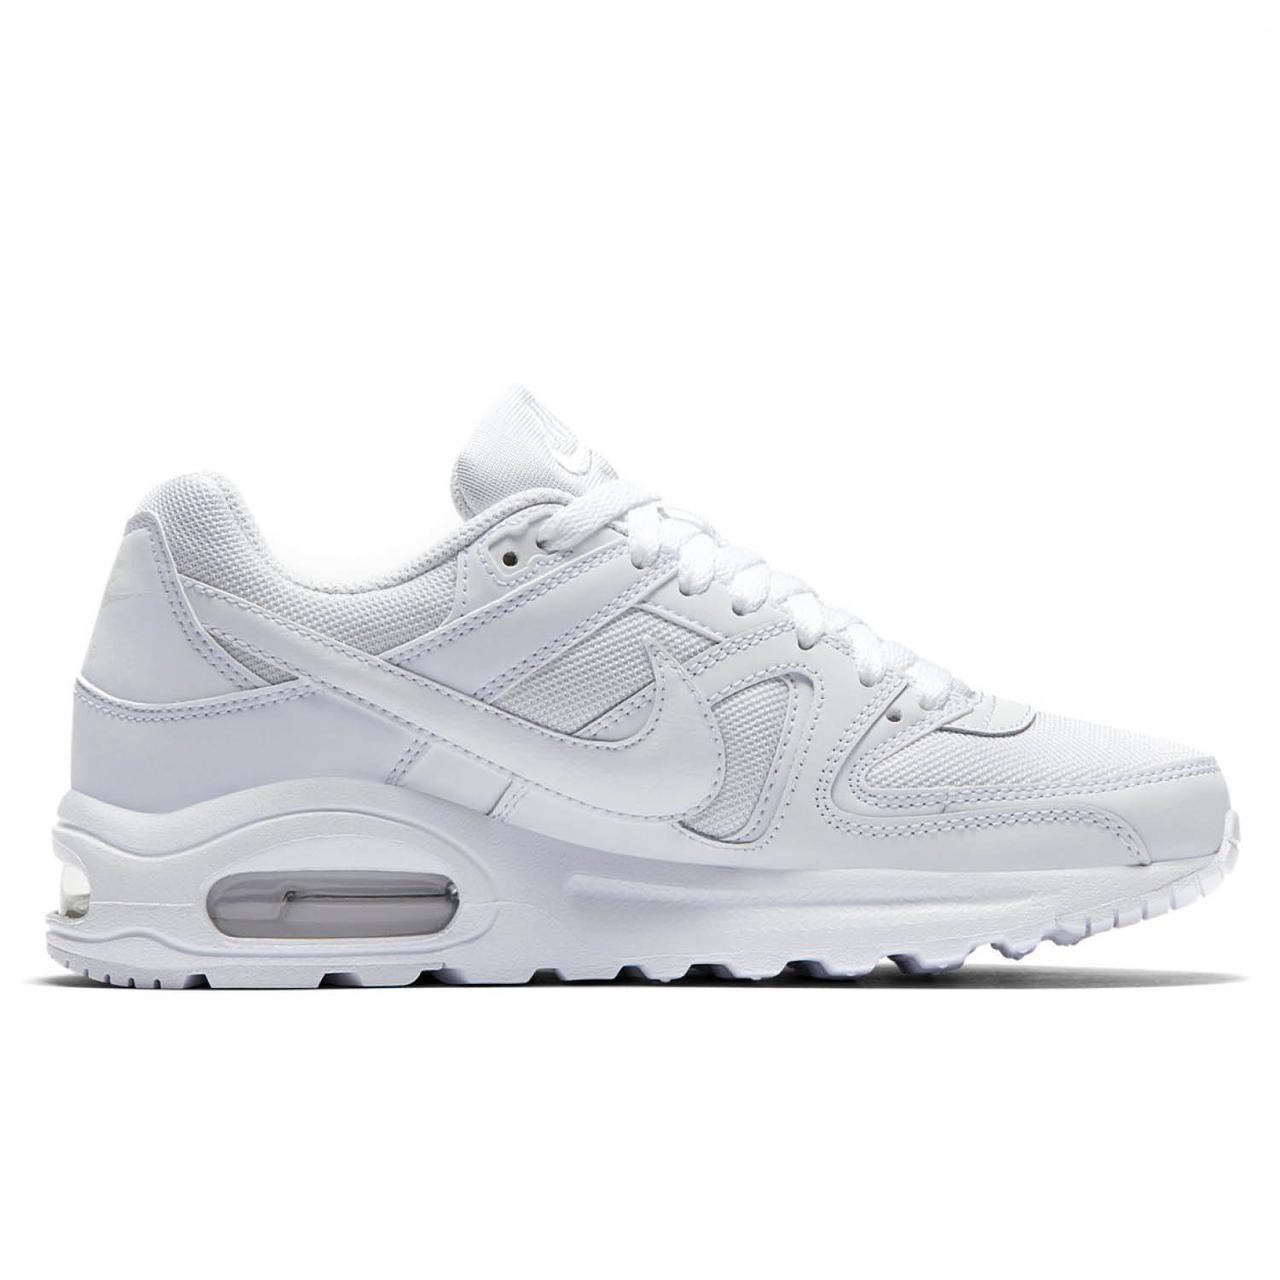 Оригинальные кроссовки Nike Air Max Command Flex  793eb7009a3b2